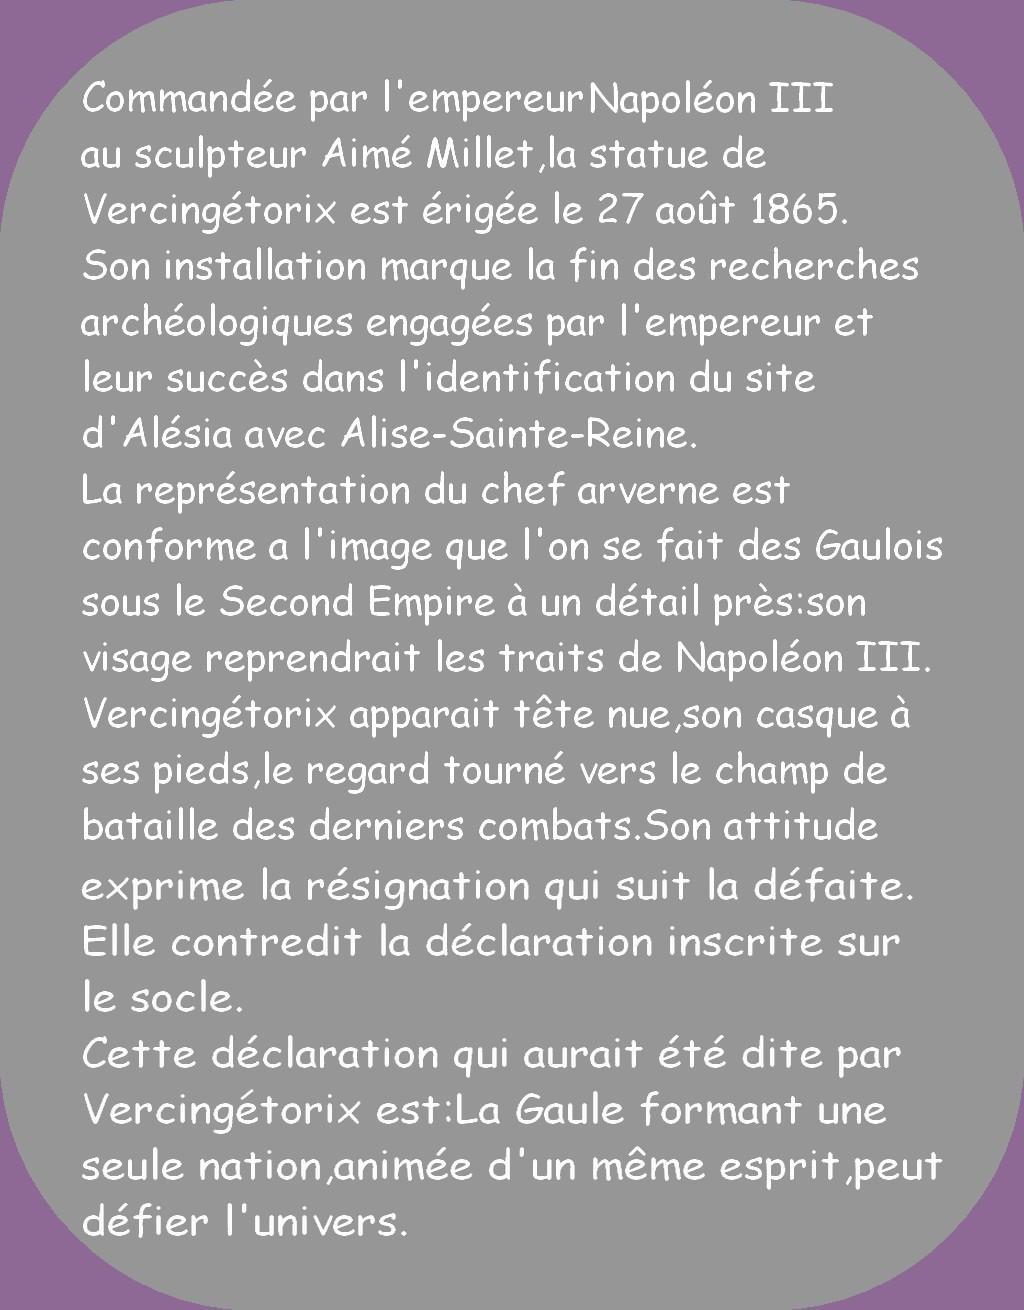 ALISE-SAINTE-REINE (ALÉSIA EN CÔTE D'OR)